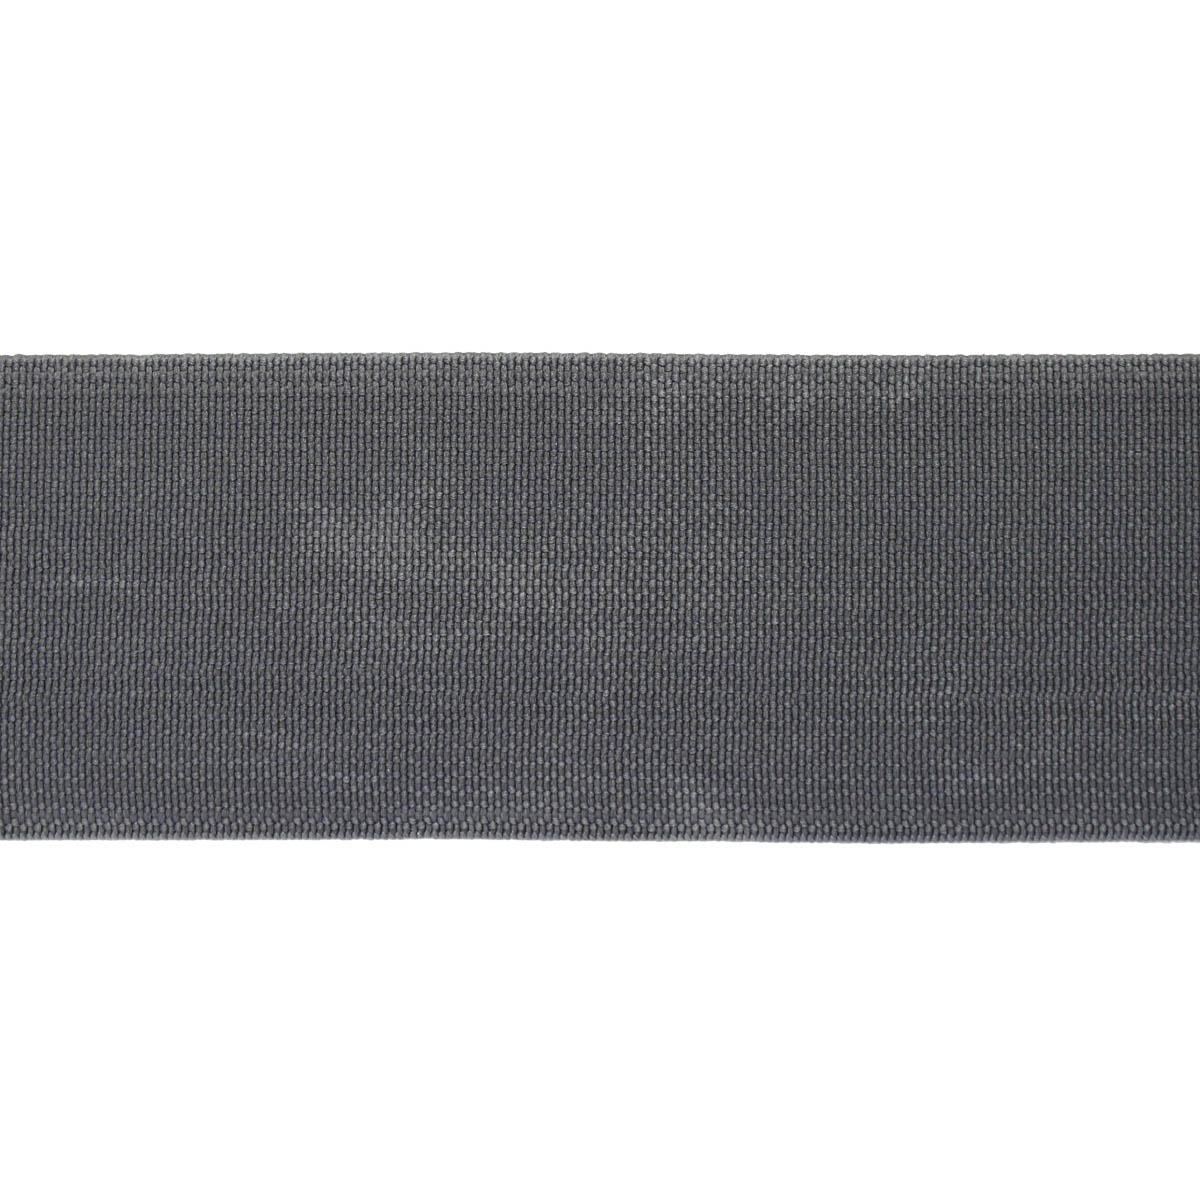 15-3850/1748 Резинка вязаная 40мм*25м т.серый ГР